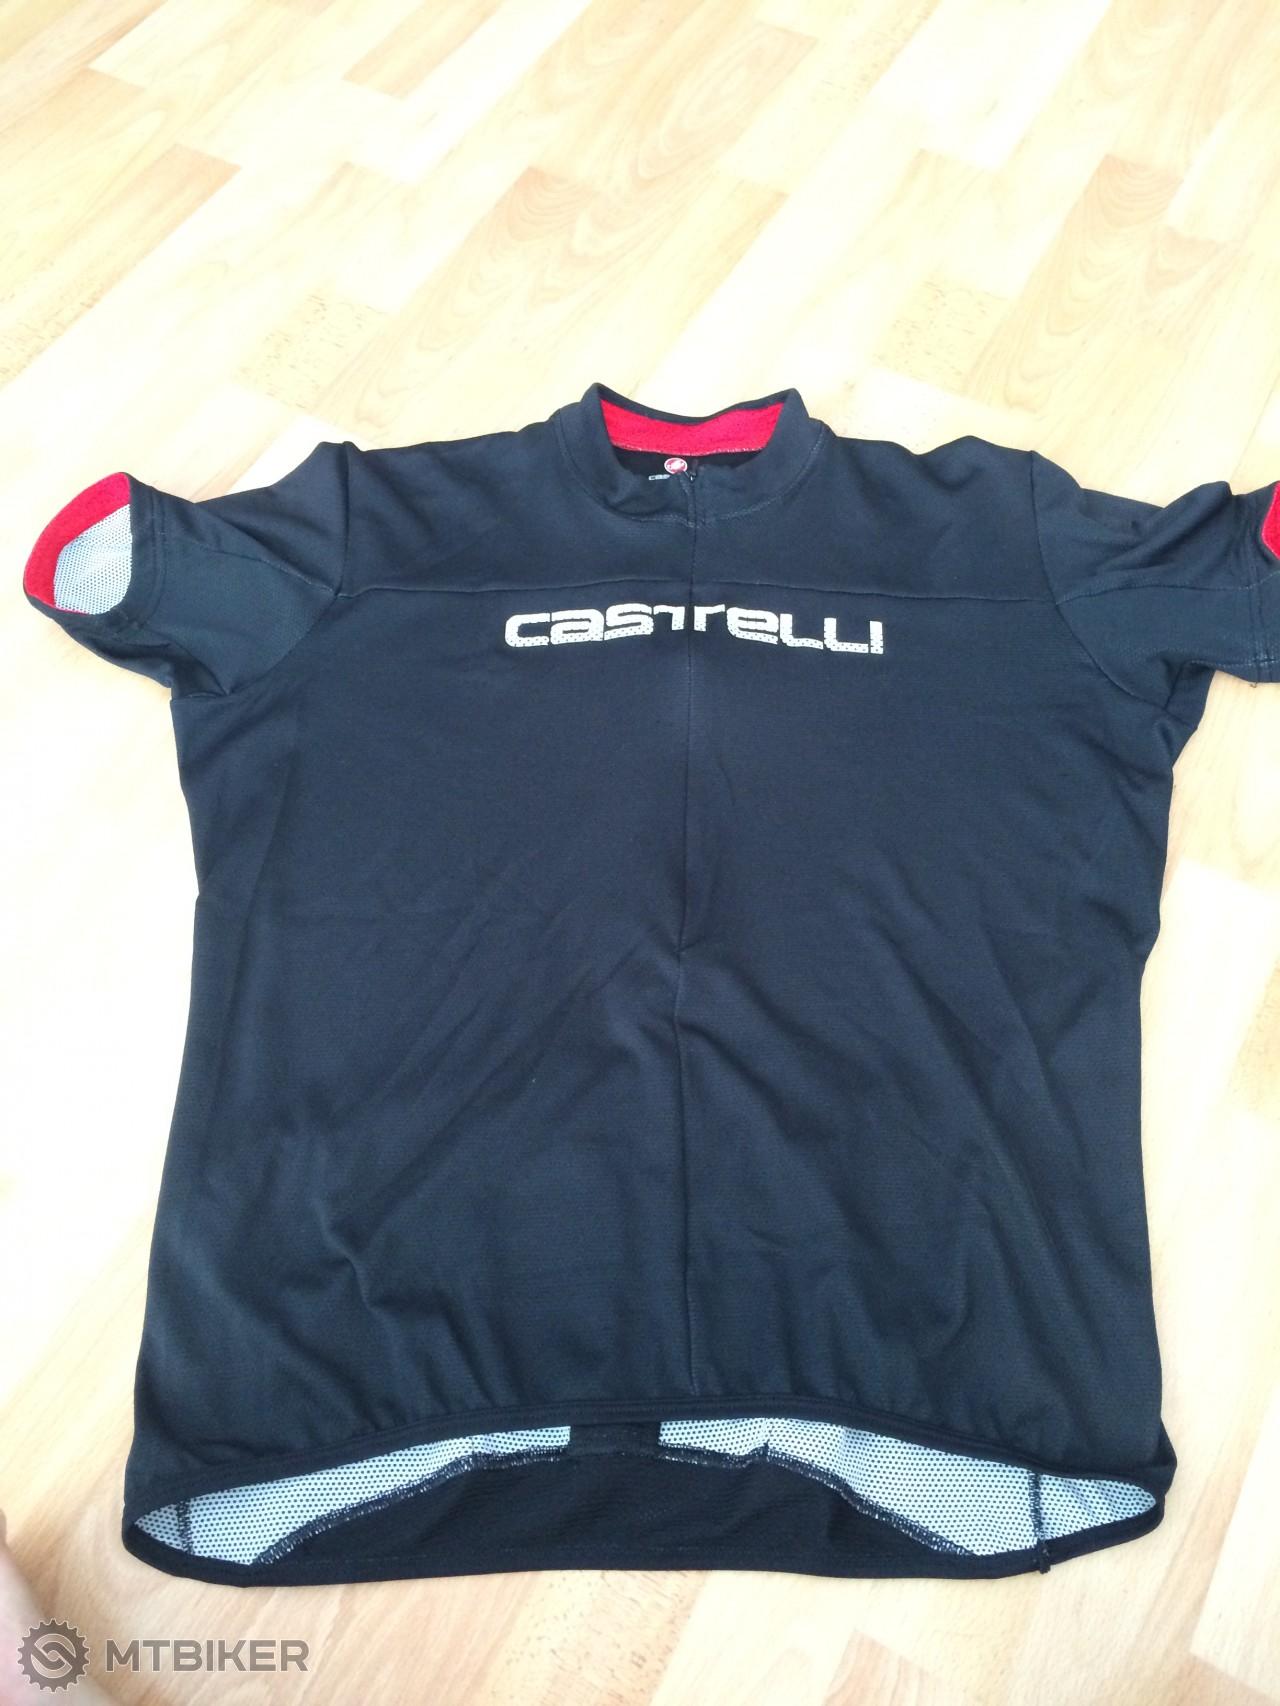 69590538d9d49 Dres Castelli A Skr Sykora - Príslušenstvo - Oblečenie a batohy - Bazár  MTBIKER